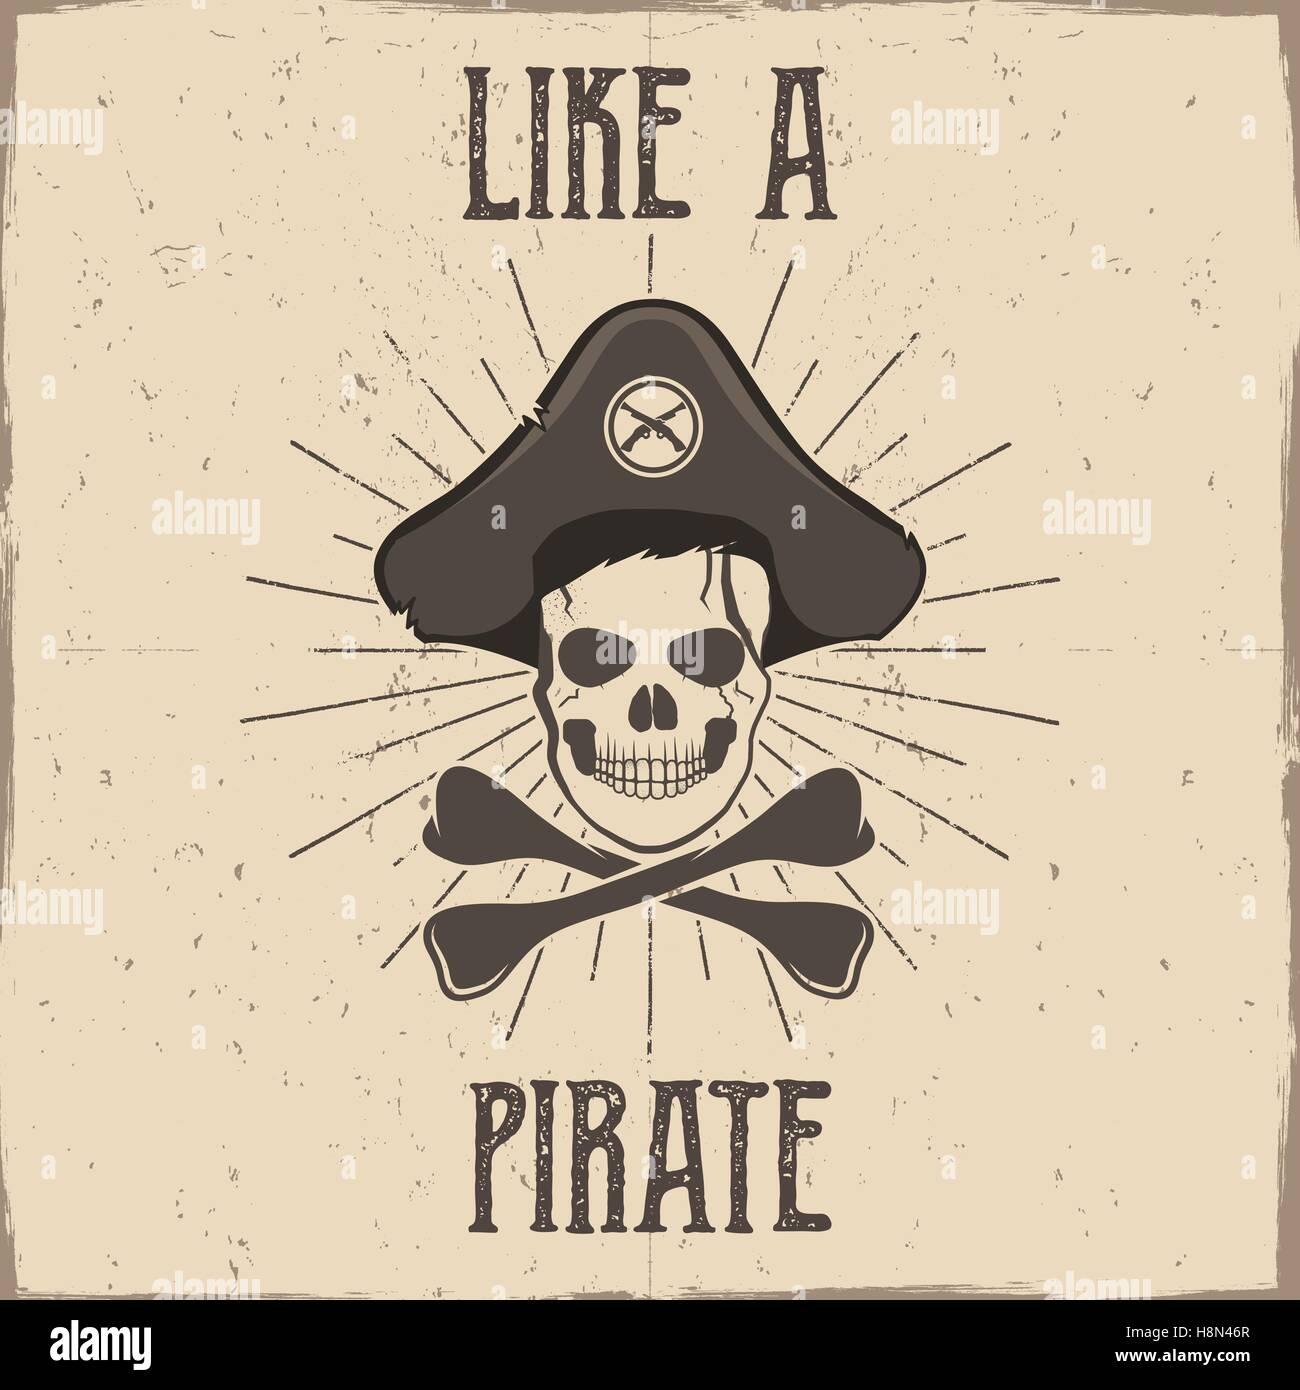 Tipografía Inspiradora Y La Etiqueta El Cartel De Piratas